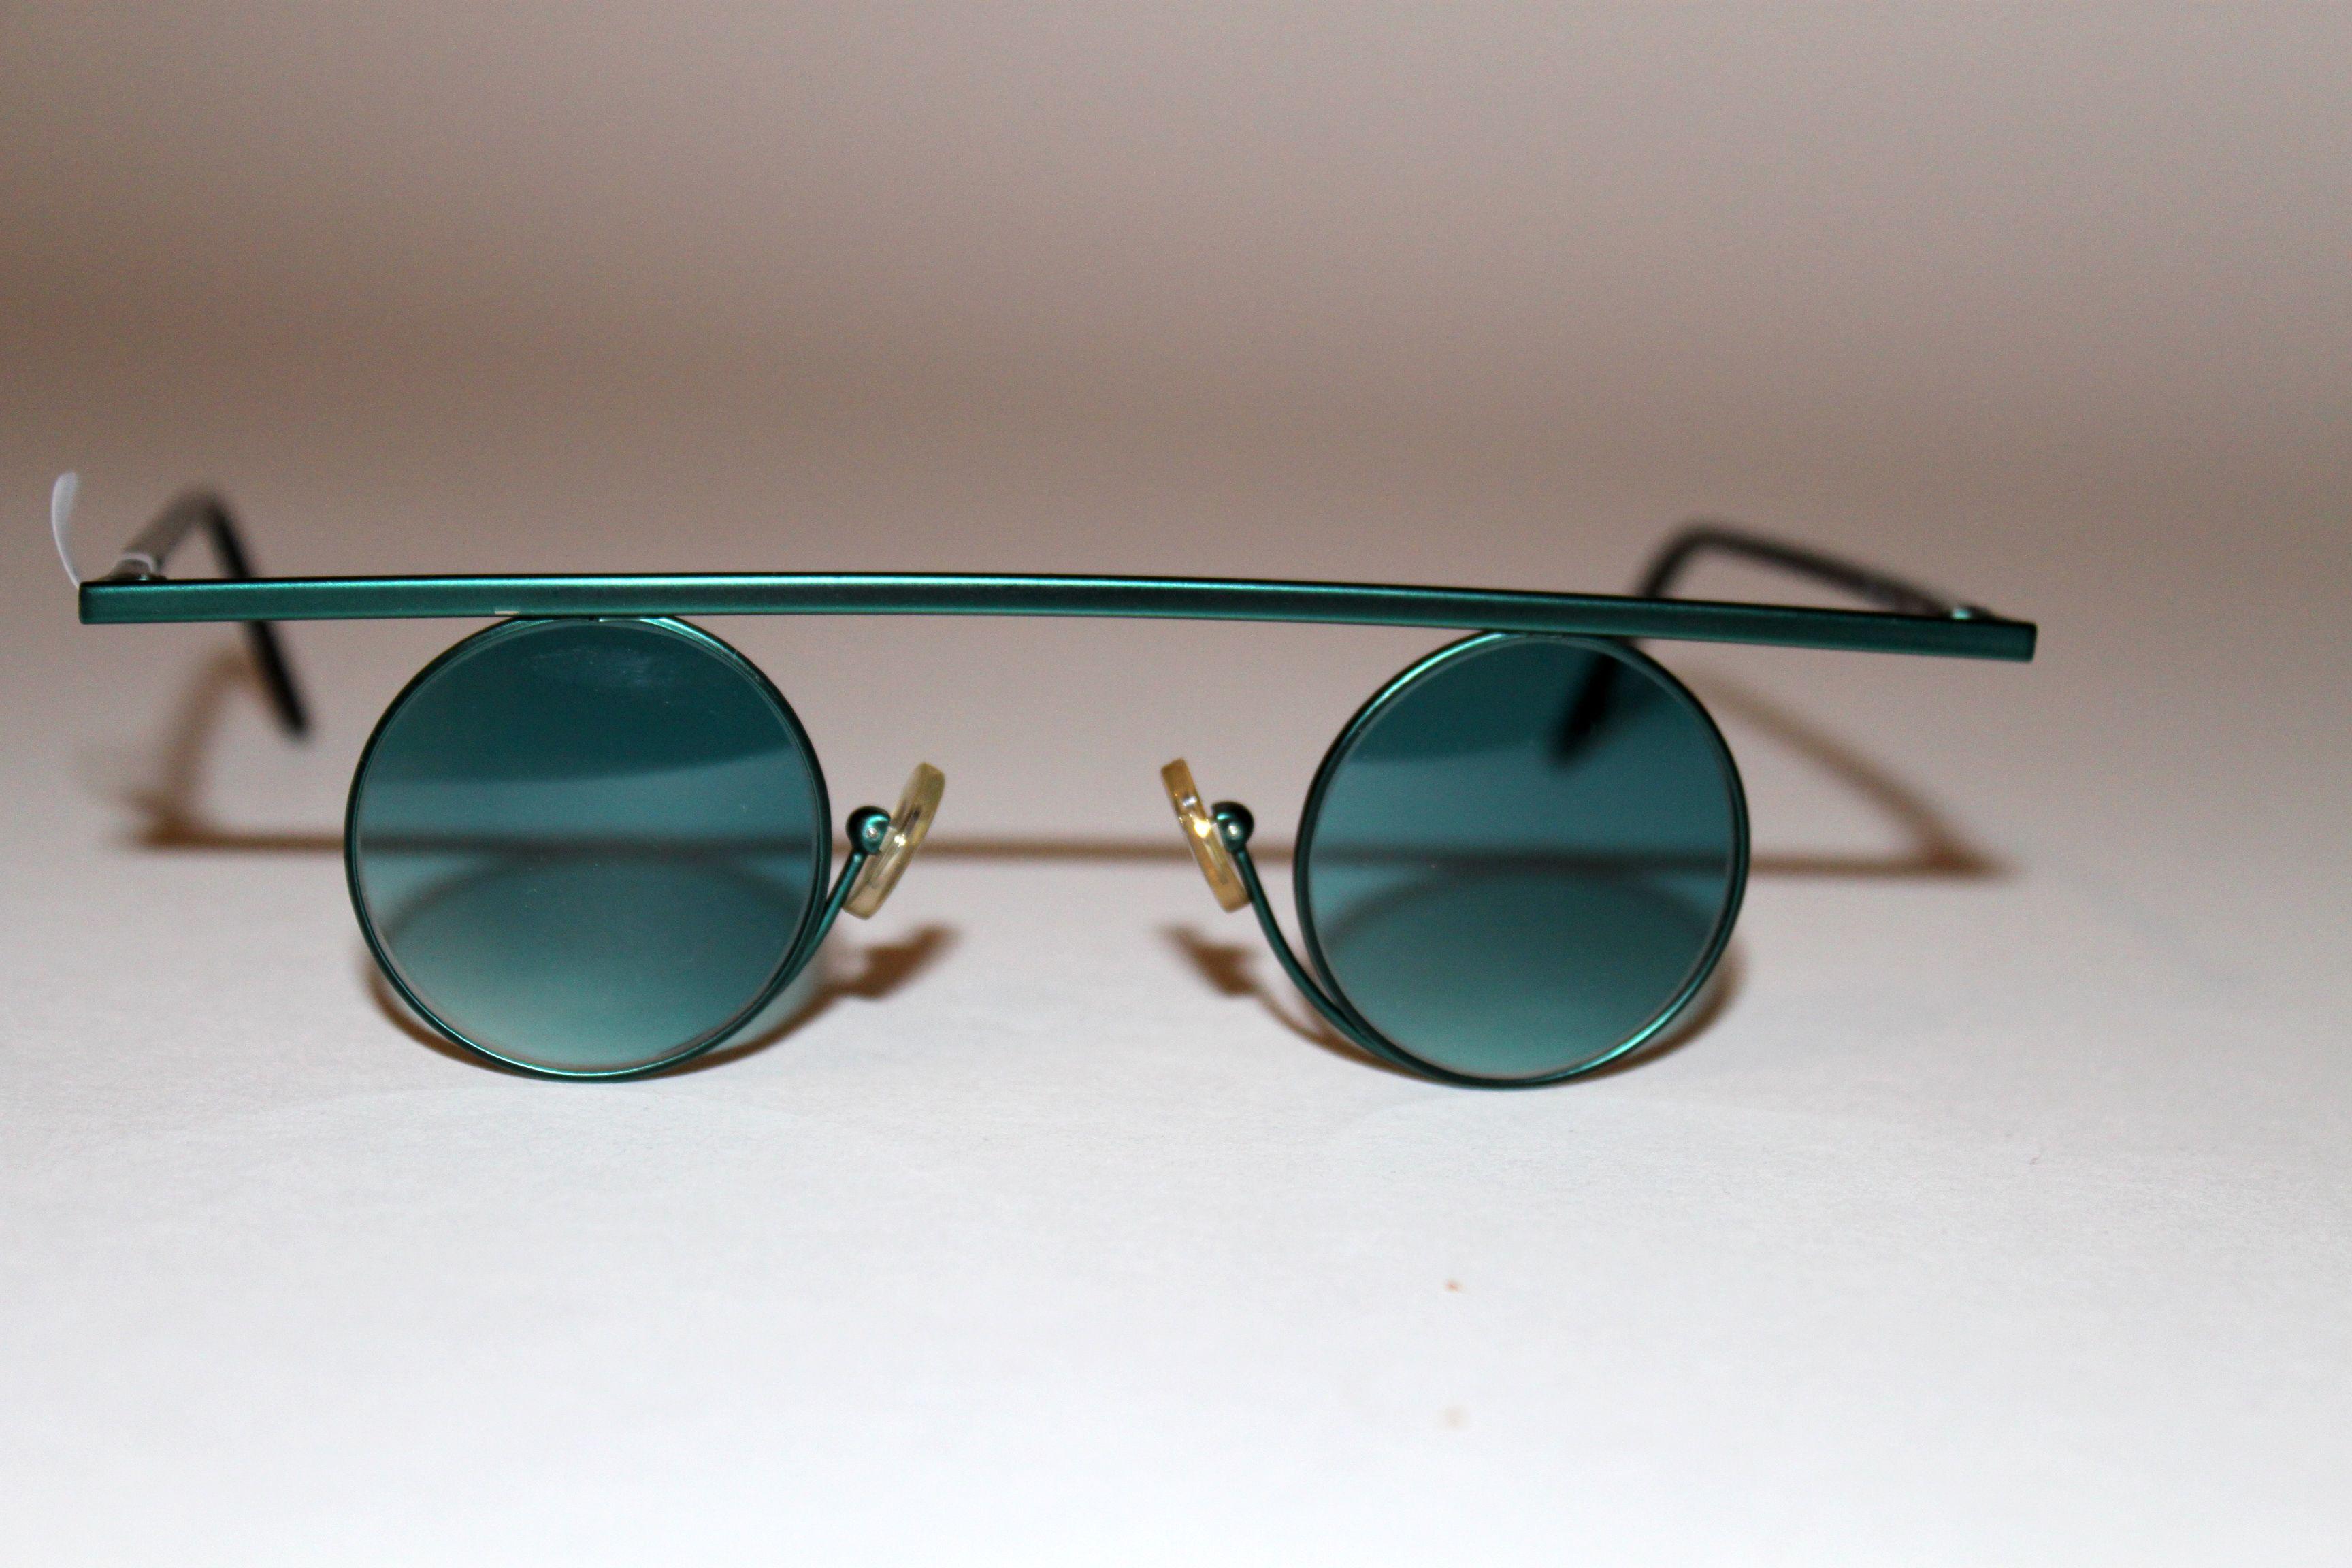 39ea5f50ac0f Vintage Theo Sunglasses